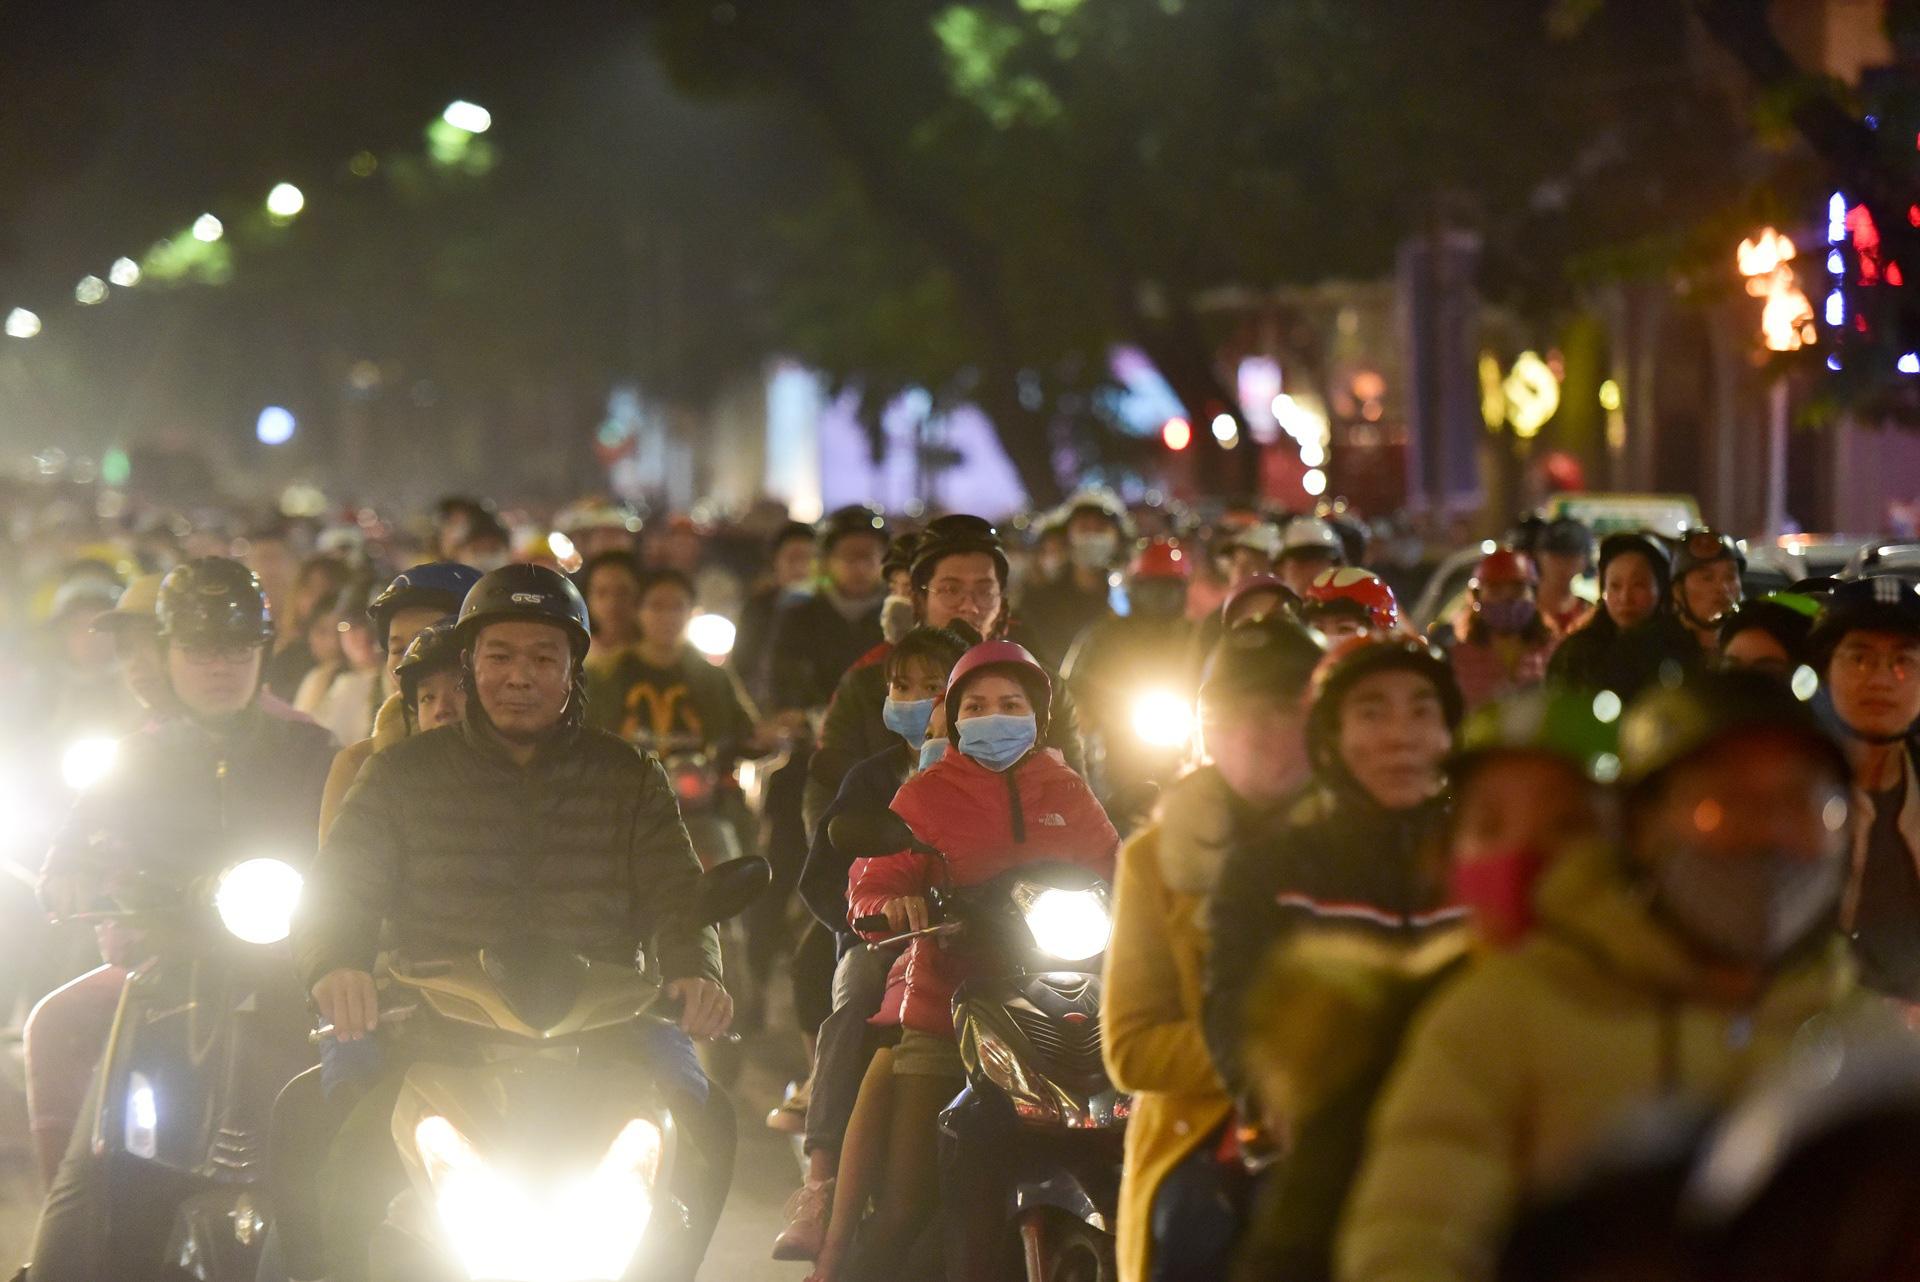 Hà Nội: Người dân đổ ra đường đón Giáng sinh, nhiều tuyến đường'tắc không lối thoát' - Ảnh 3.